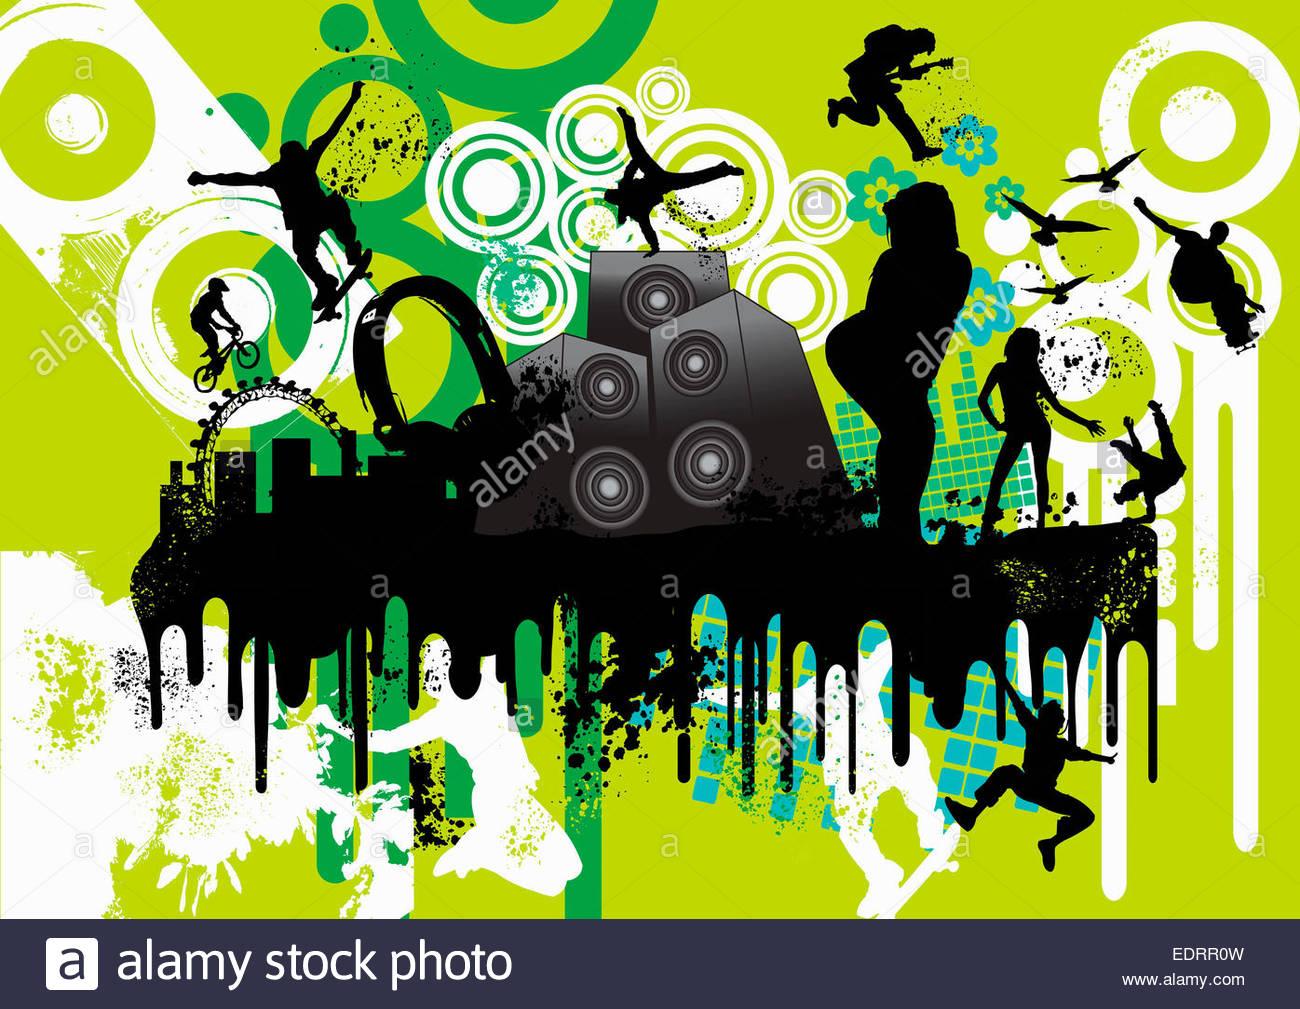 Montage de jóvenes animosos disfrutando de cultura juvenil urbana, música, skate y ciclismo Imagen De Stock